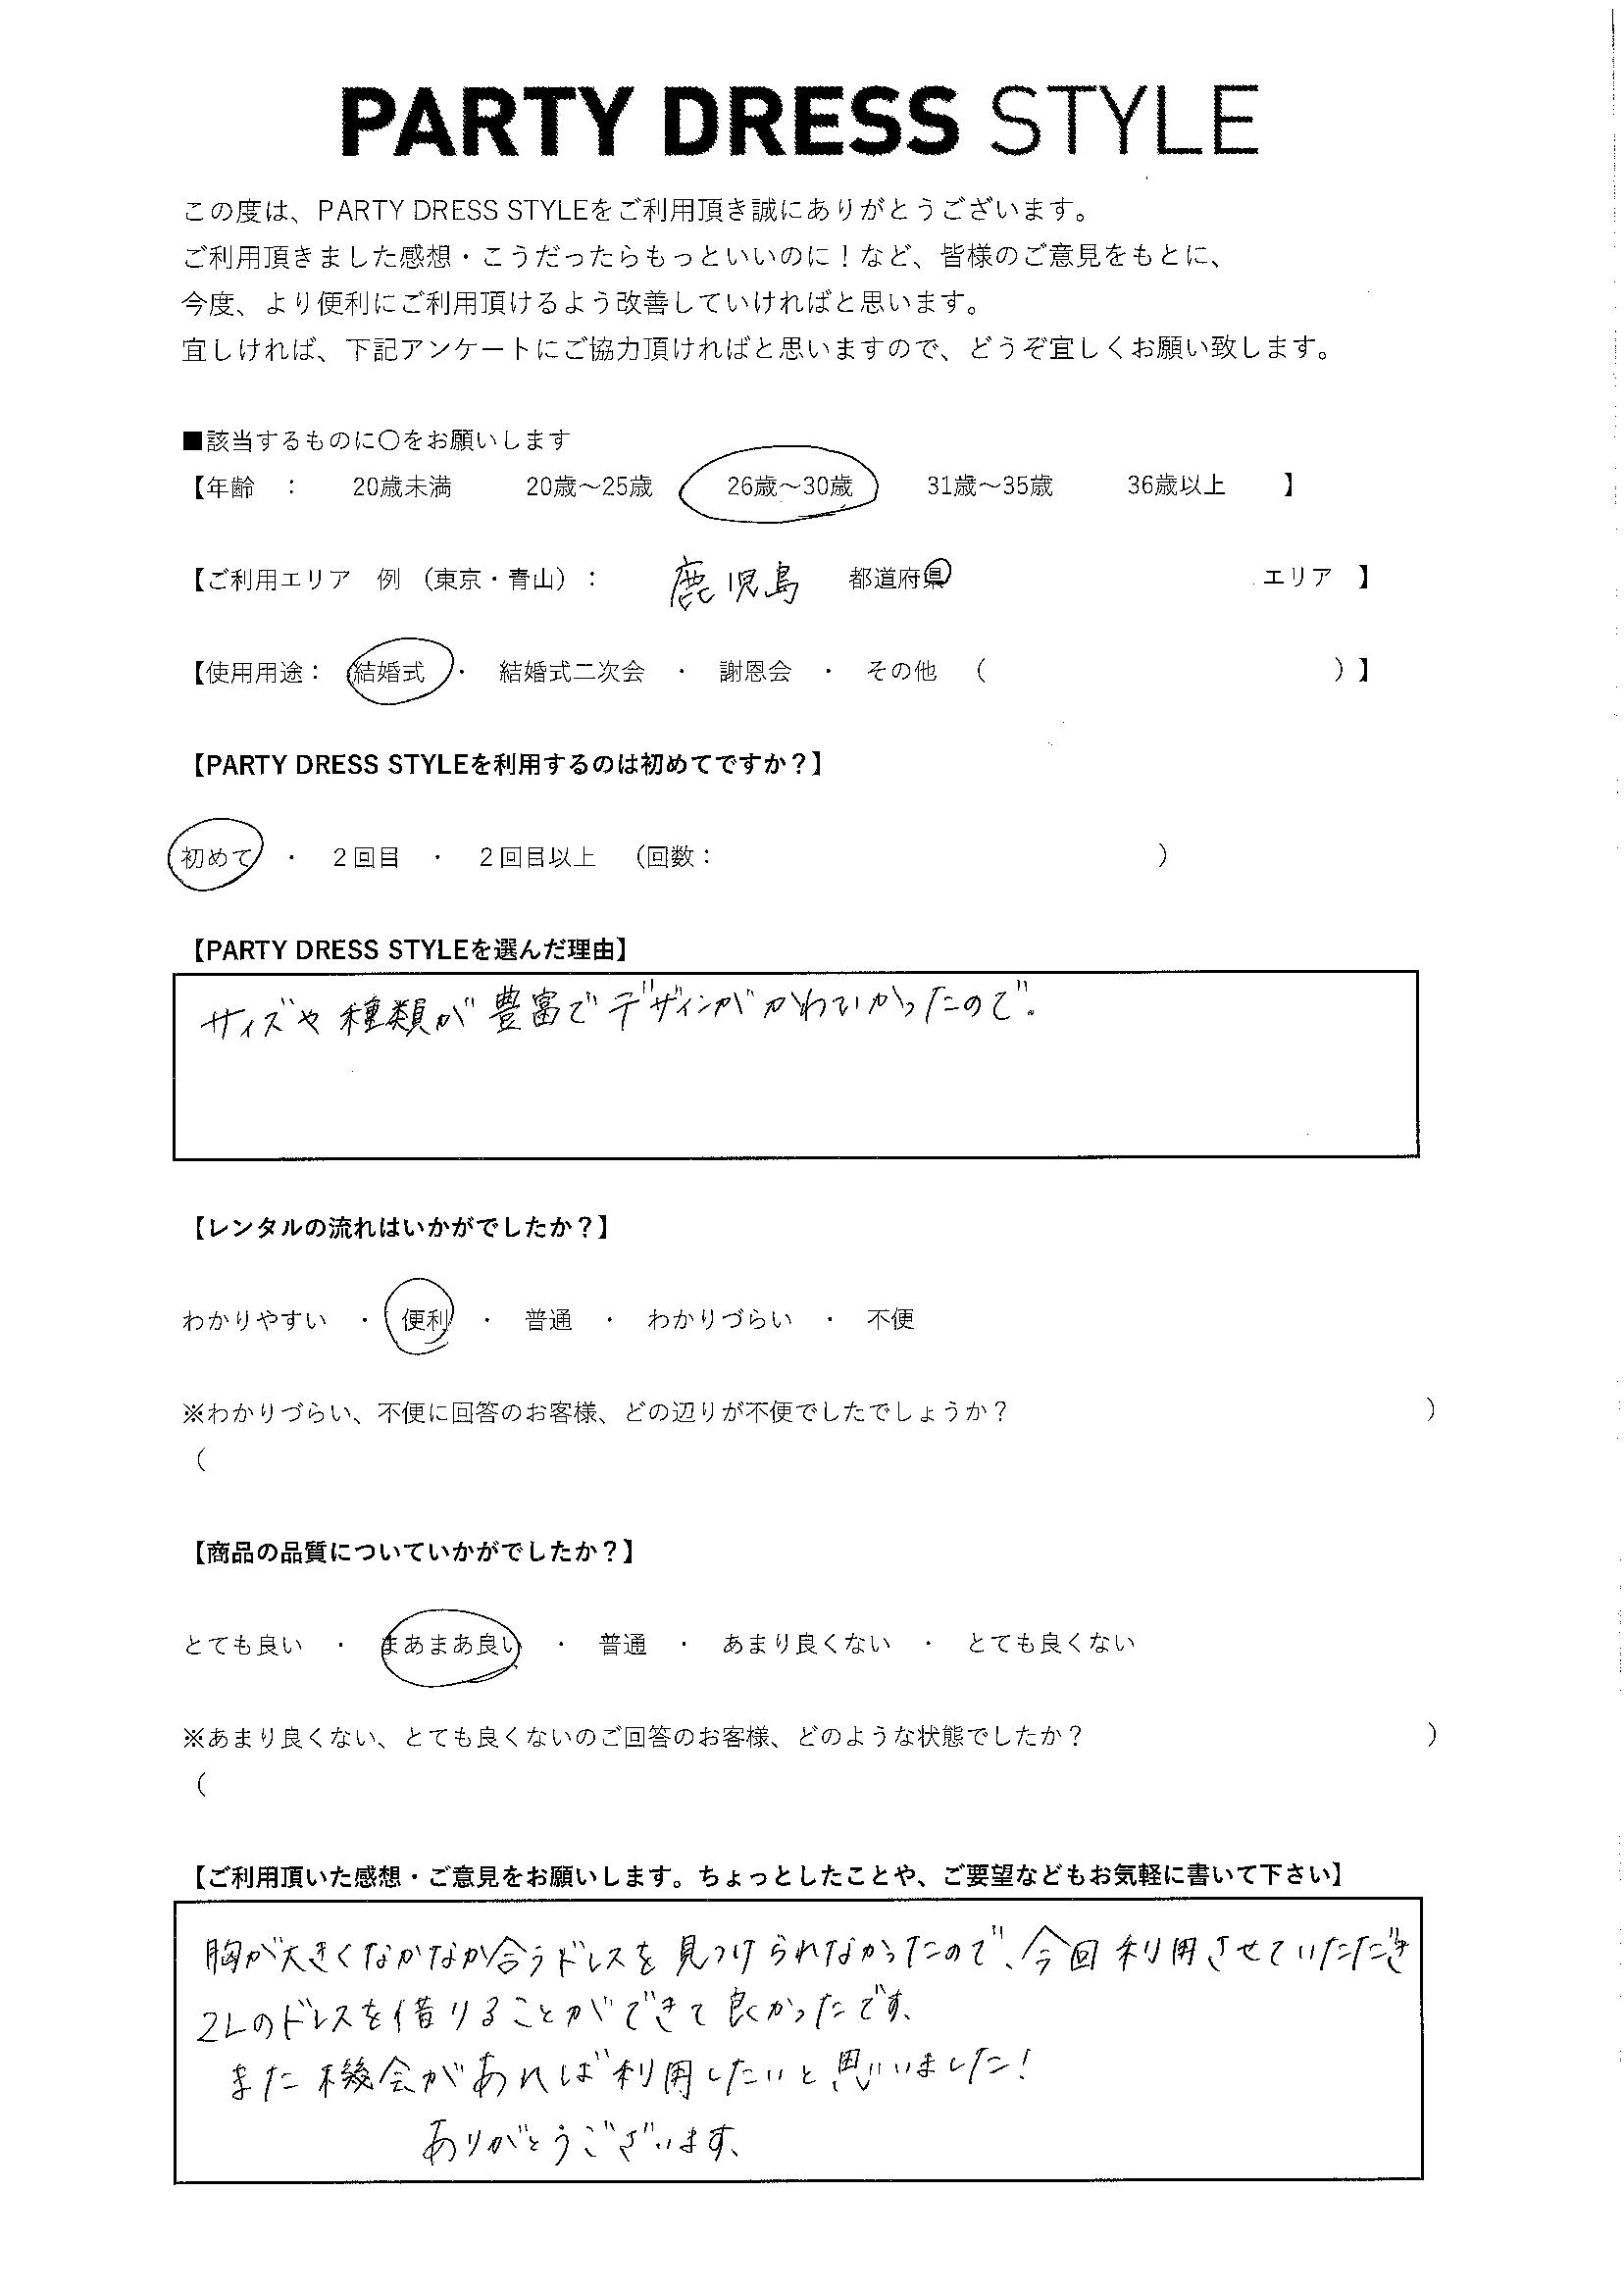 11/17結婚式ご利用 鹿児島エリア